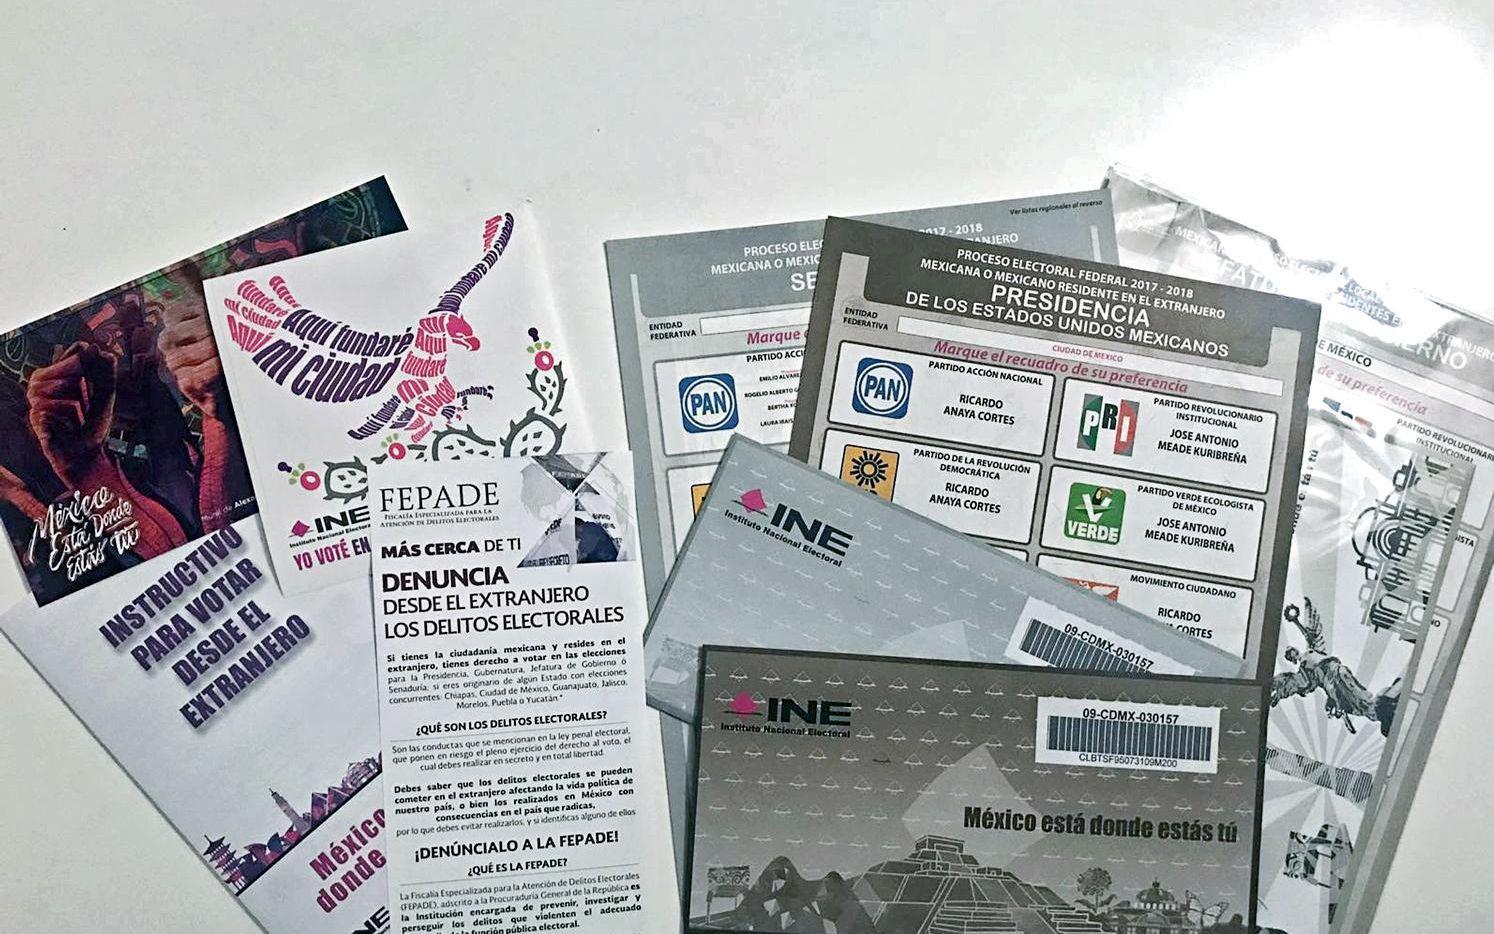 El paquete electoral de México para los votantes en el extranjero.(AGENCIA REFORMA)